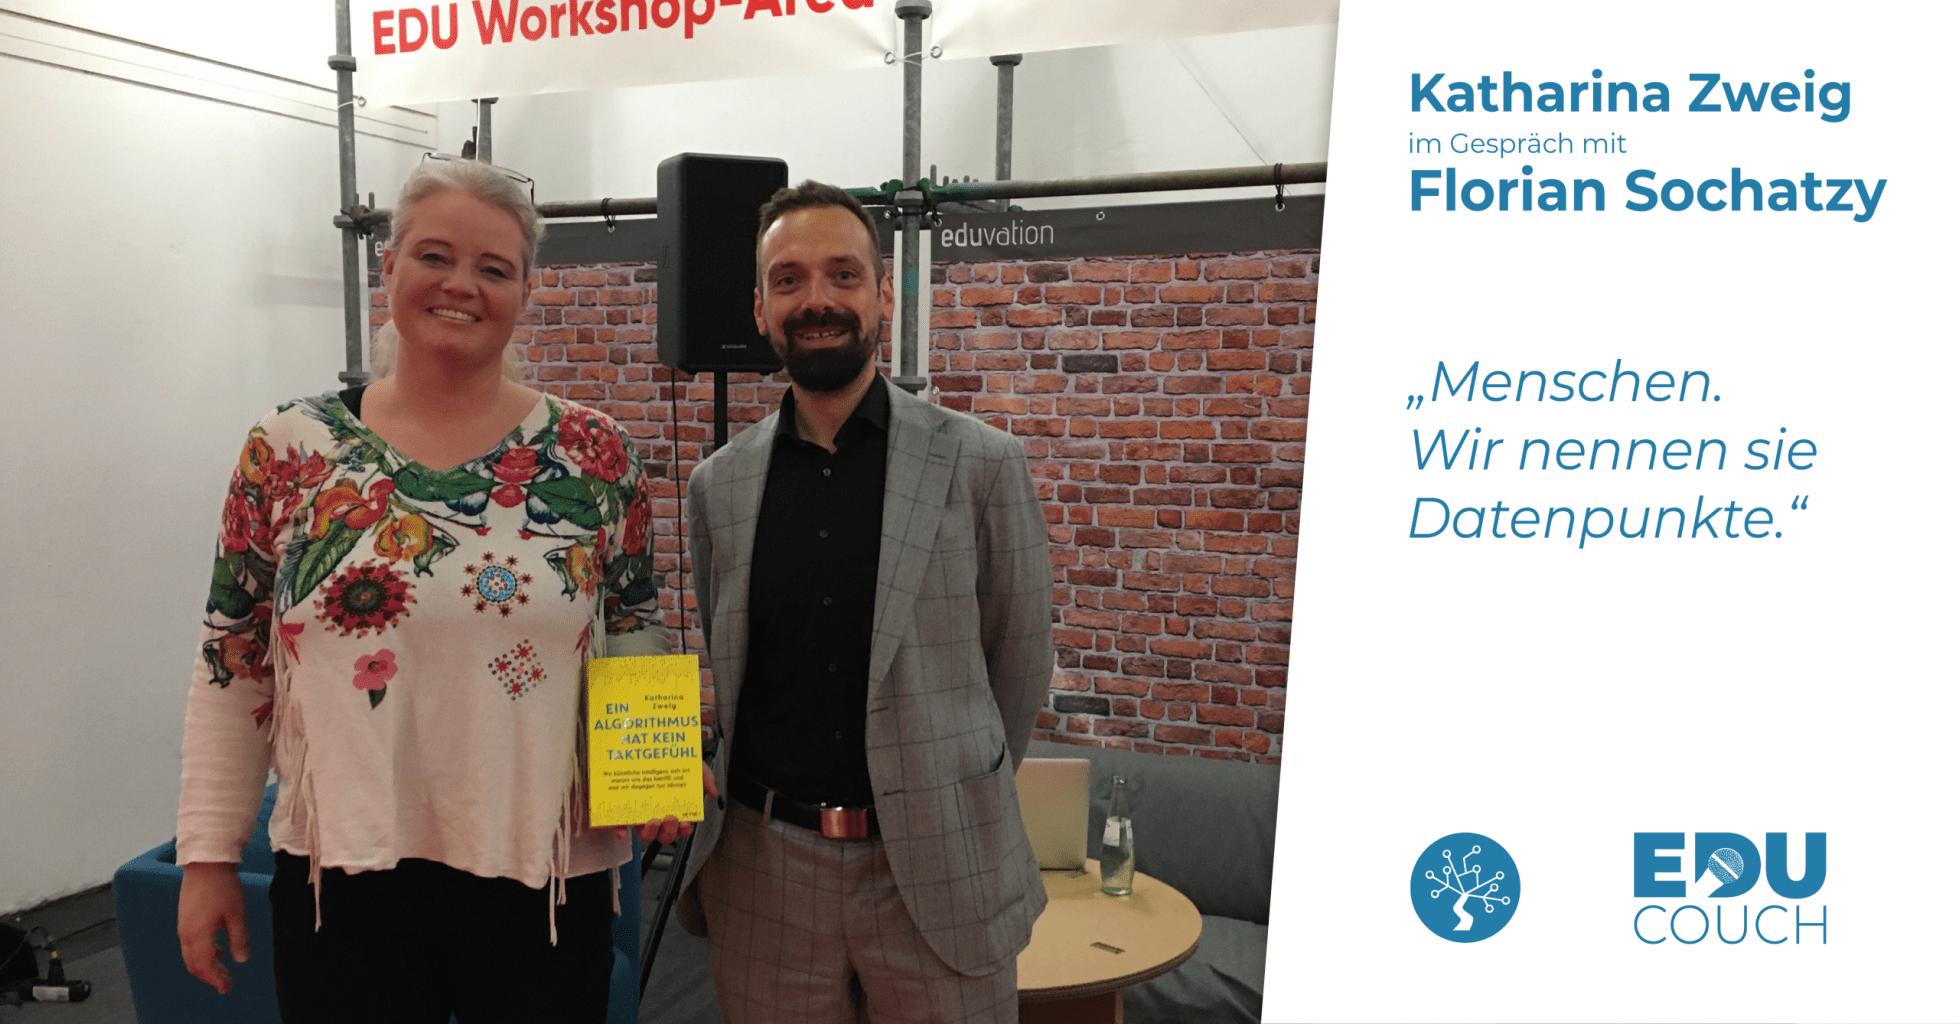 Katharina Zweig im Gespräch mit Florian Sochatzy bei der EduCouch